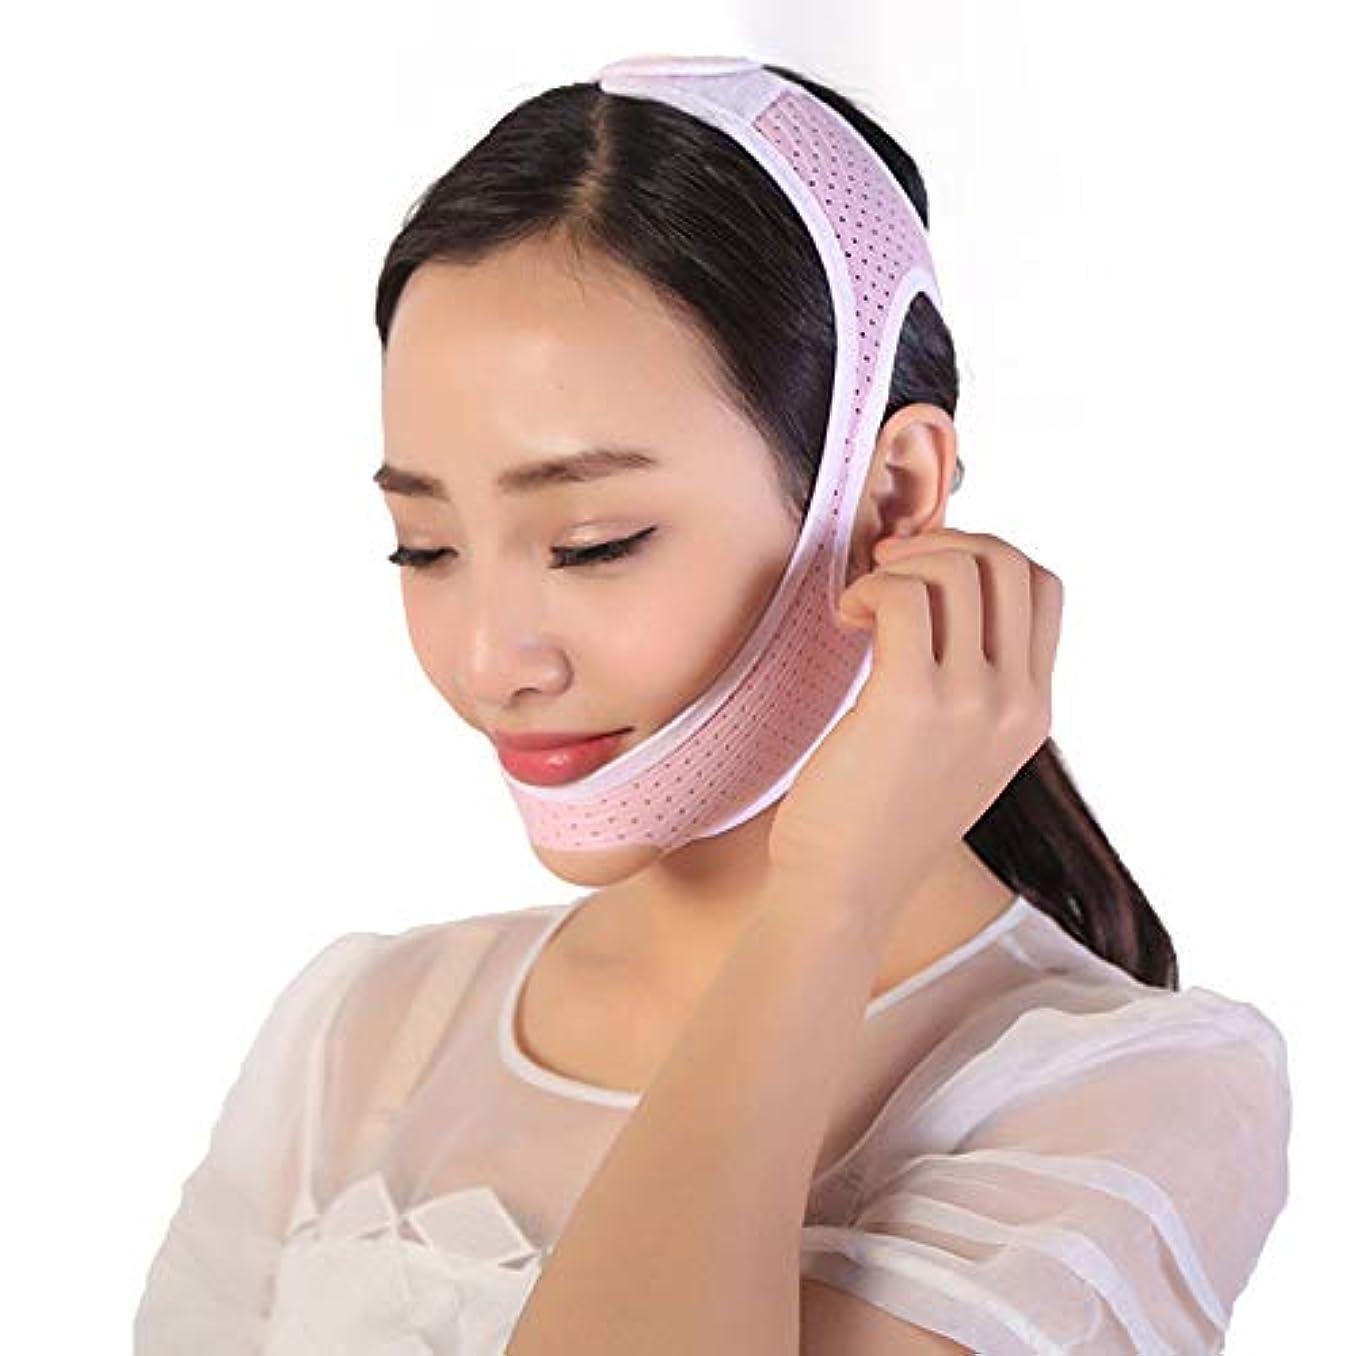 なめらかな壊れた調整GYZ フェイシャルリフティングスリミングベルト - 薄型フェイス包帯ダブルチンデバイスフェイシャルマッサージアンチエイジングリンクルフェイスマスクベルト Thin Face Belt (Size : L)